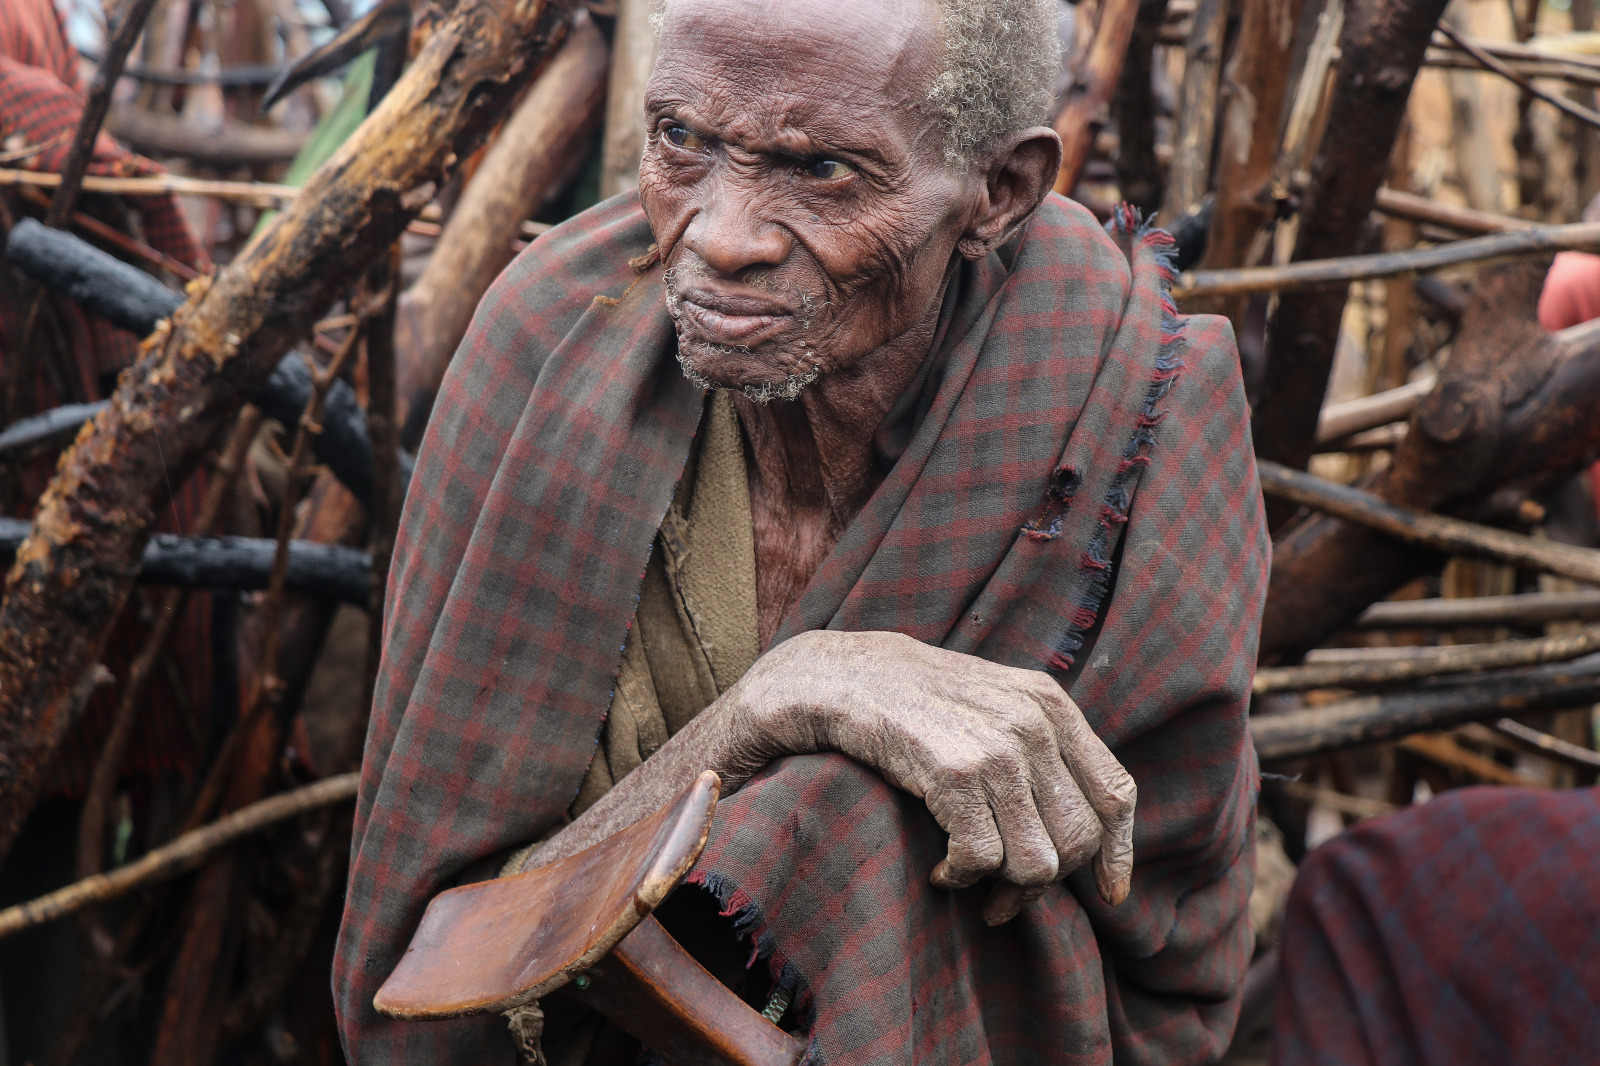 Miembro de la tribu Ikk, que se encuentra en pequeños poblados al norte del país.